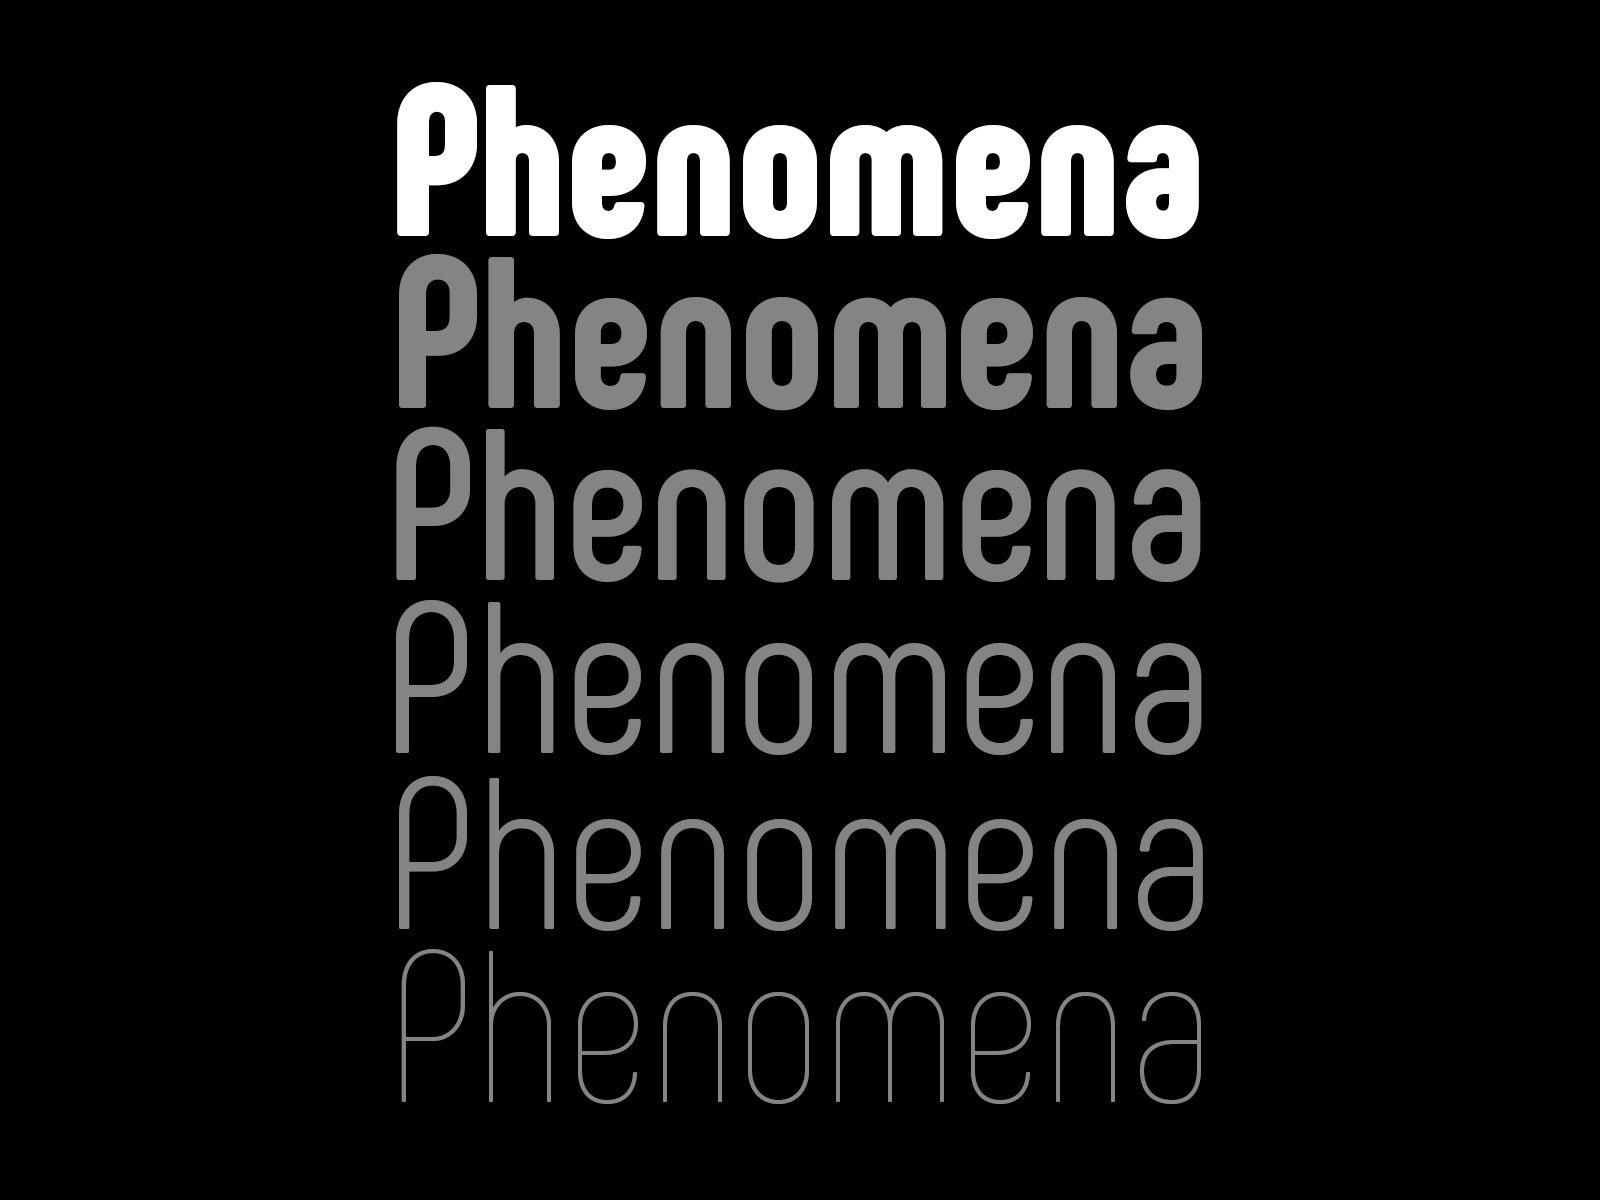 Phenomena-Free-Bold-Rounded-Sans-Serif-font